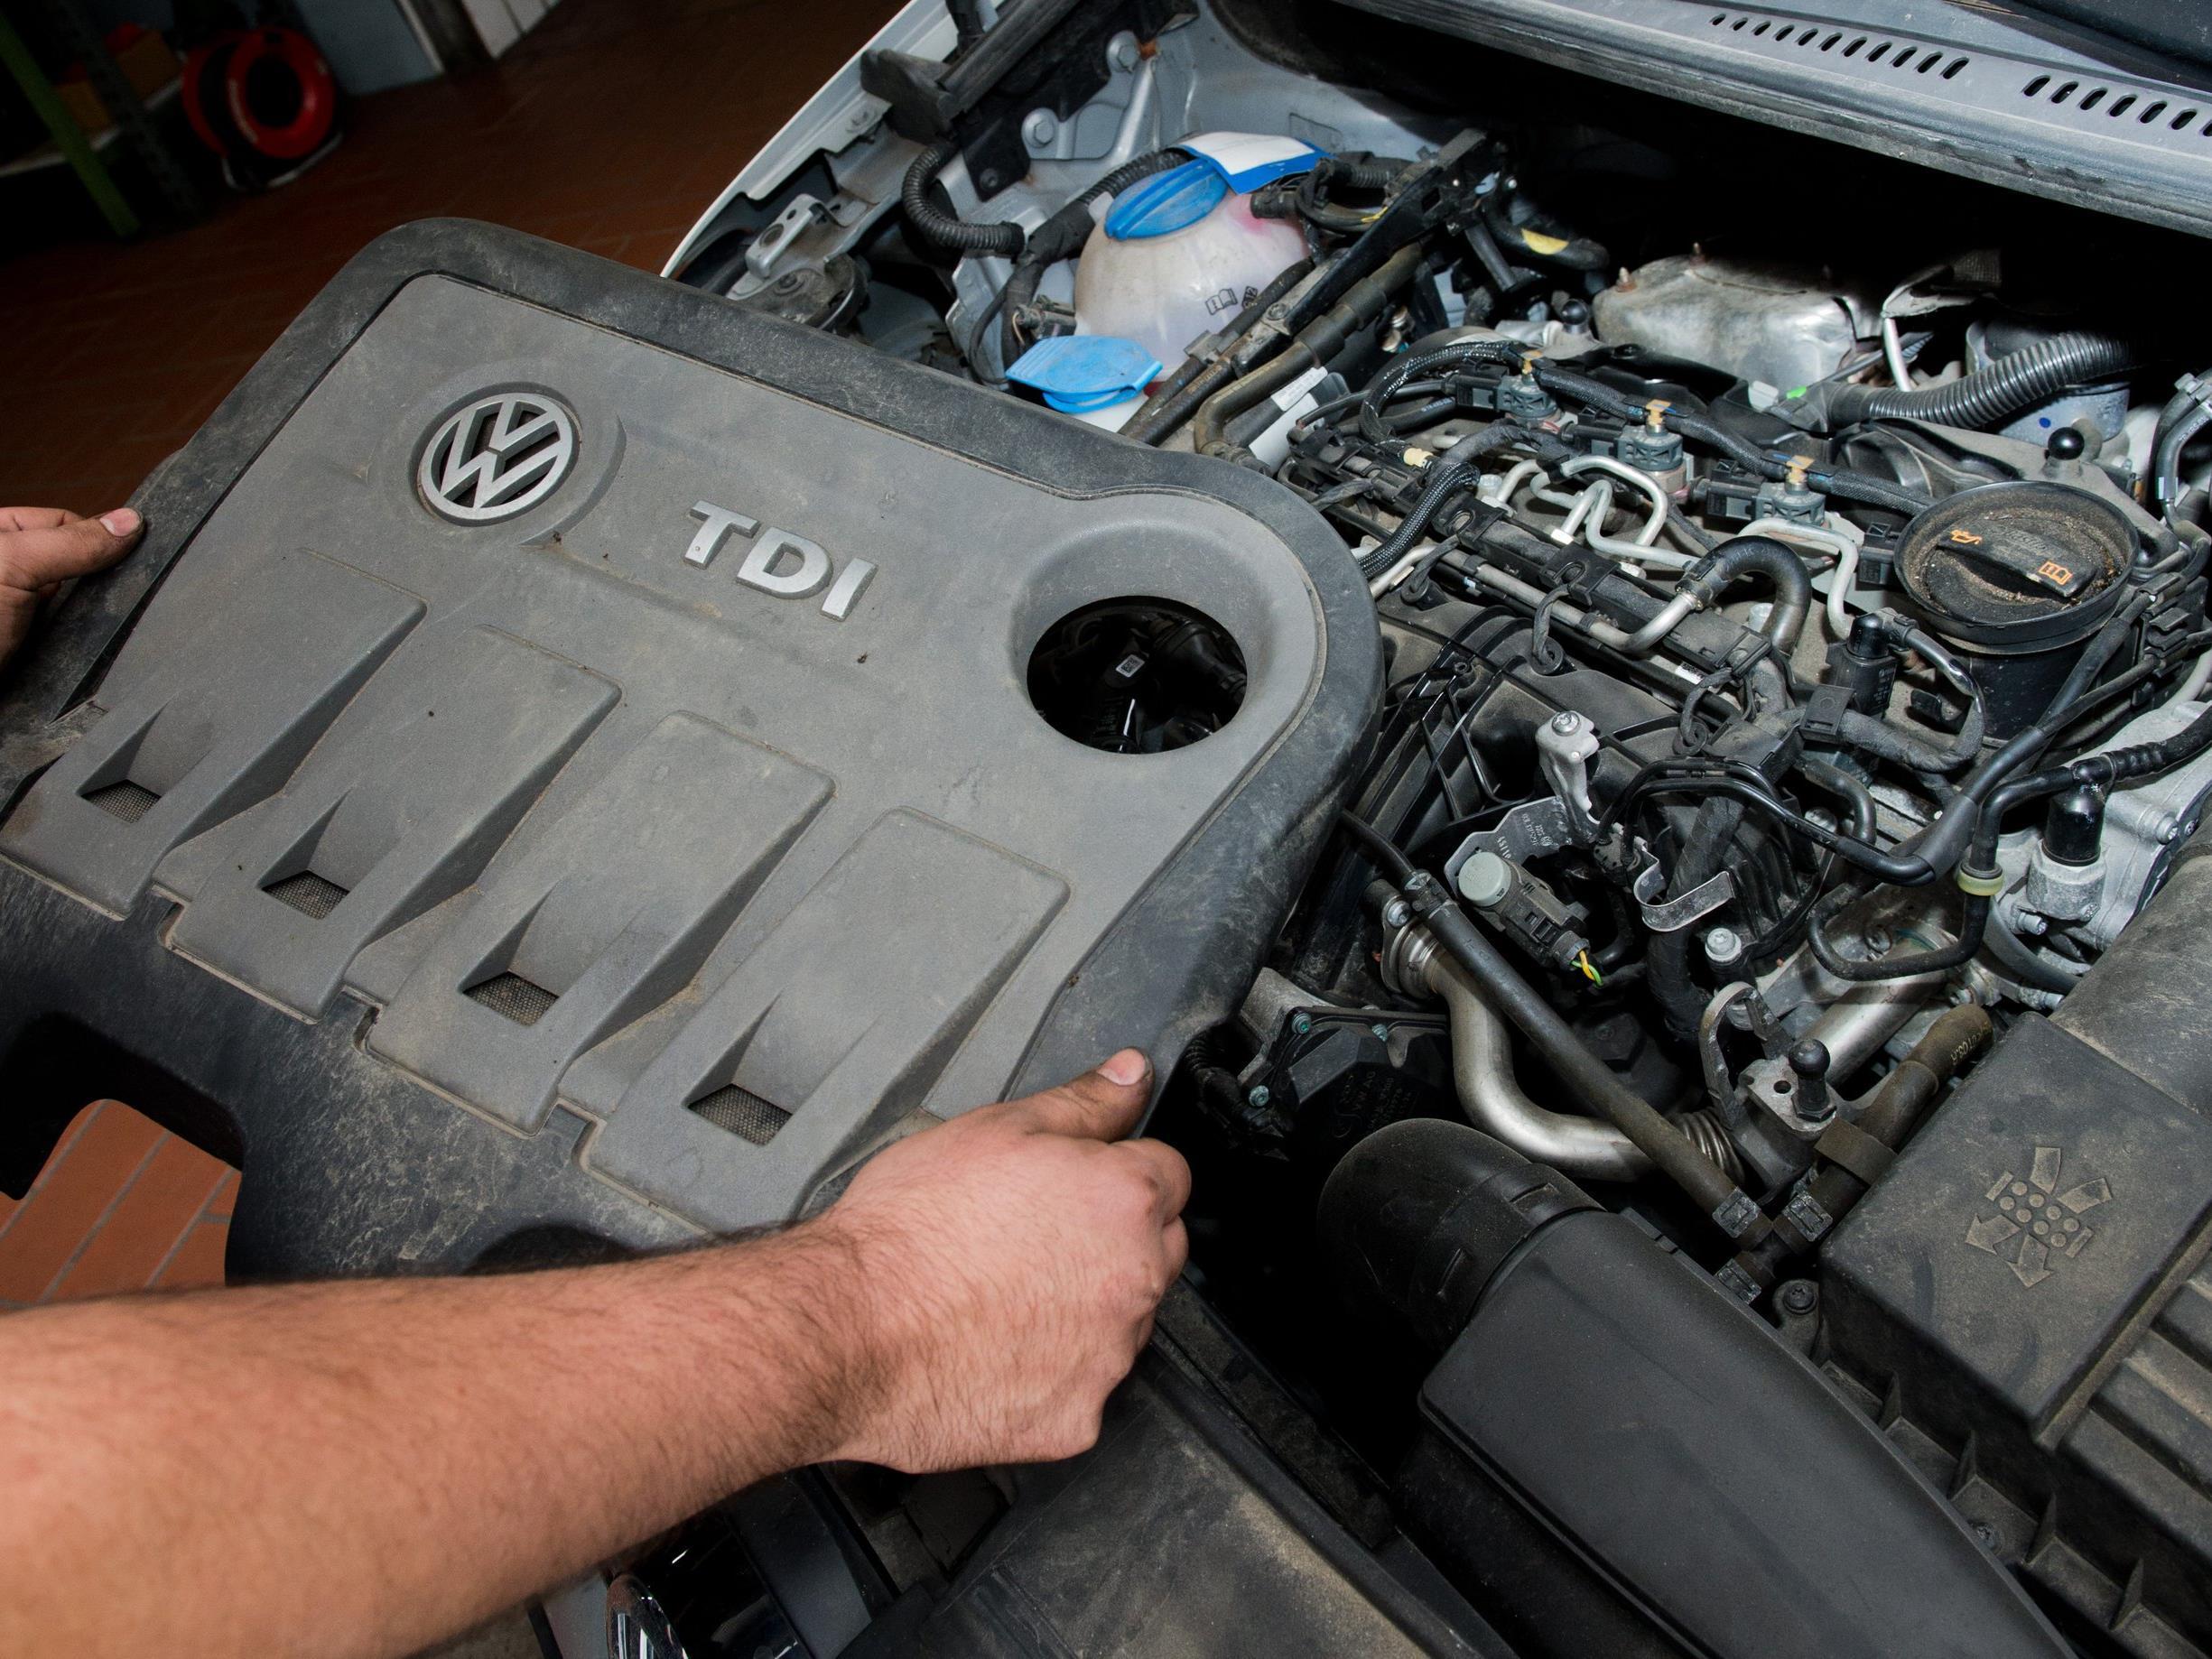 Abgasskandal: VW beginnt mit der Rückrufaktion.